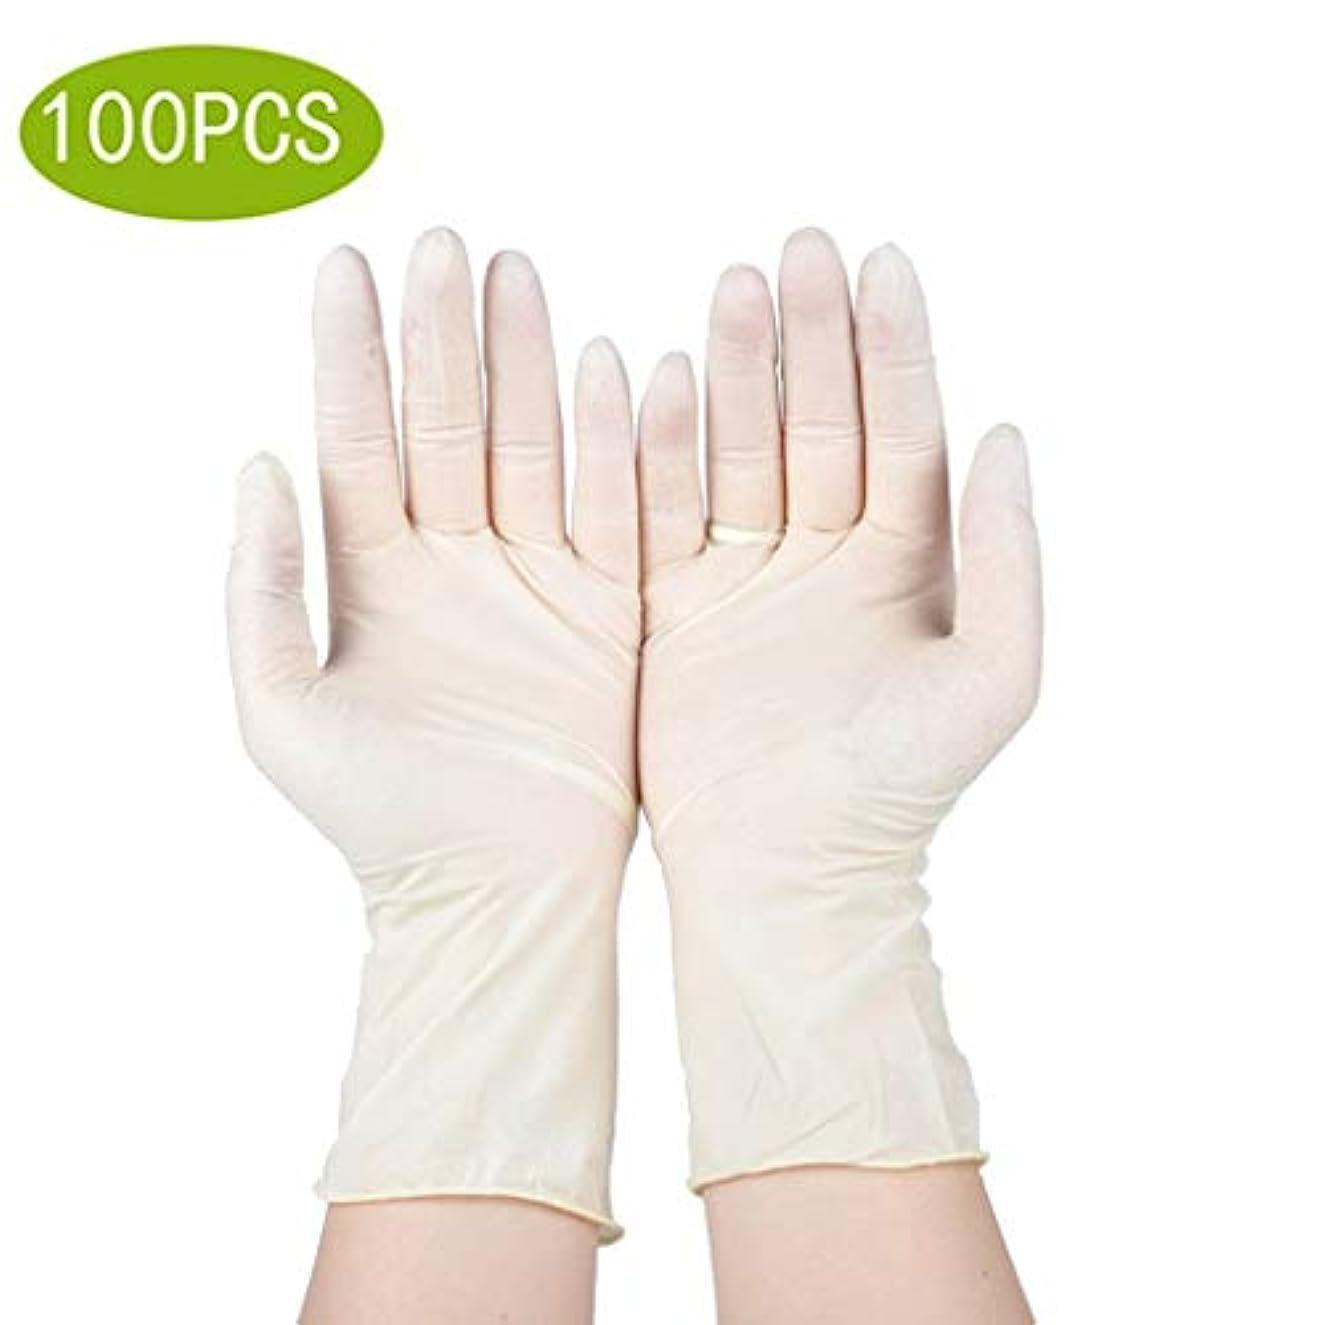 付録ファッション九月ニトリル手袋義務使い捨てビニール手袋、100カウント、特大 - パウダーフリー、両用性、超快適、極度の強度、耐久性と伸縮性、医療、食品、マルチユース (Color : Latex Gloves, Size : M)